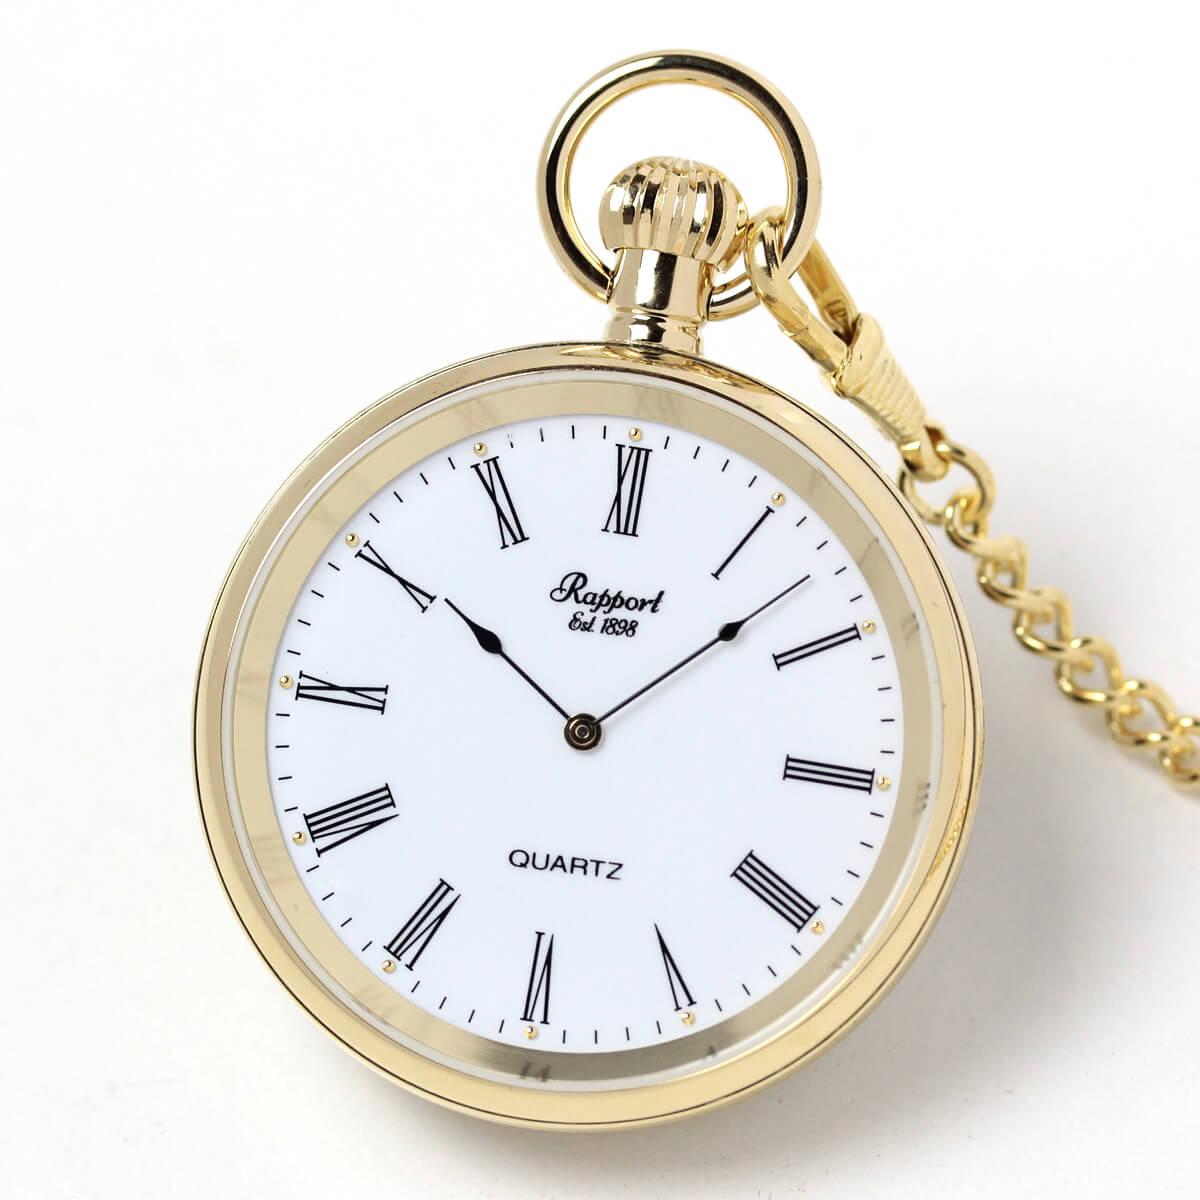 イギリスブランド rapport(ラポート) 懐中時計 pw38 ゴールドカラーのオープンフェイスモデル